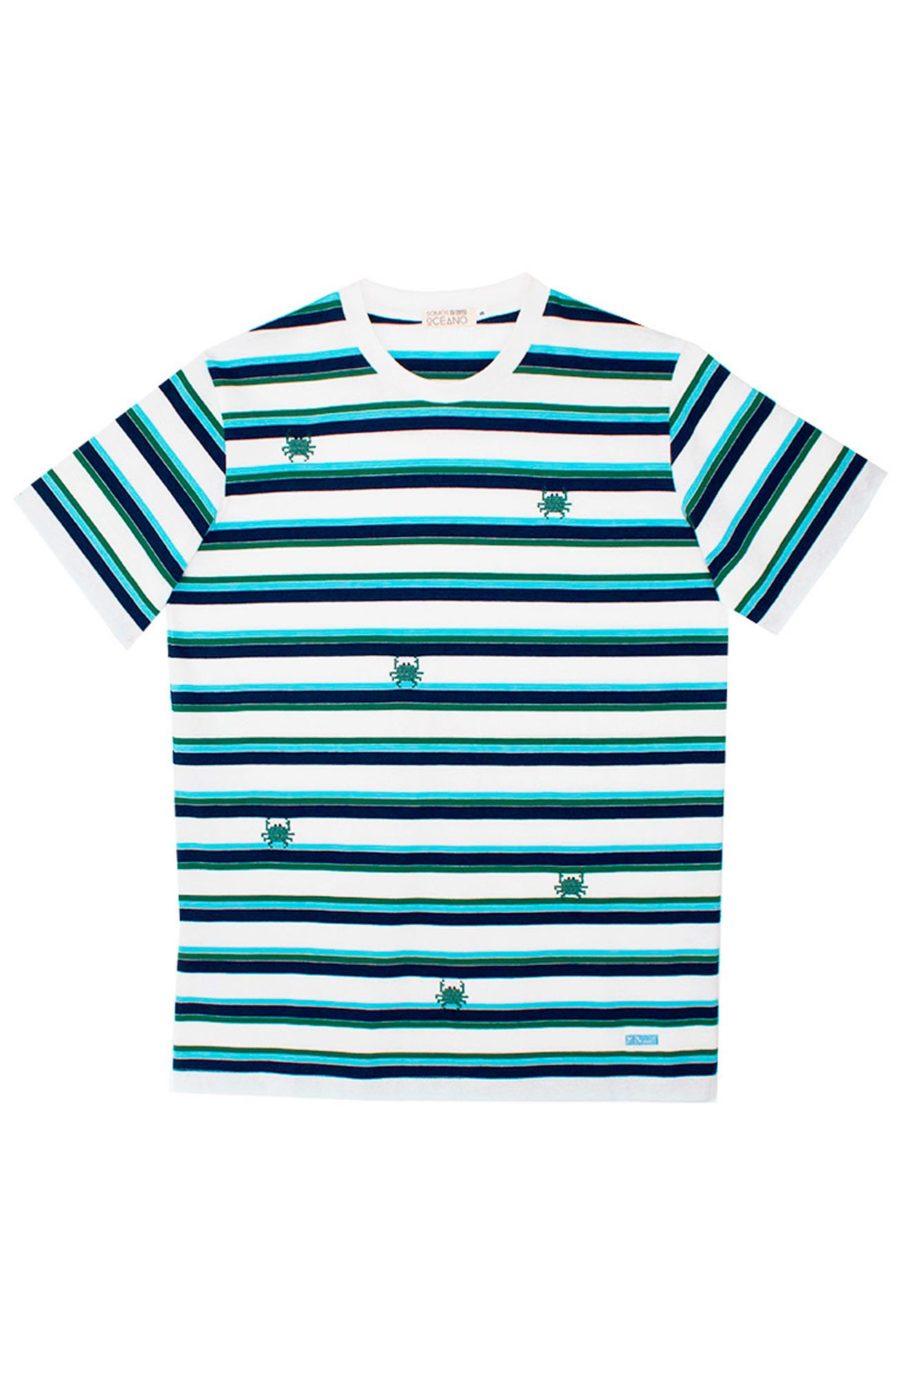 somosoceano-camiseta-hombre-necoras